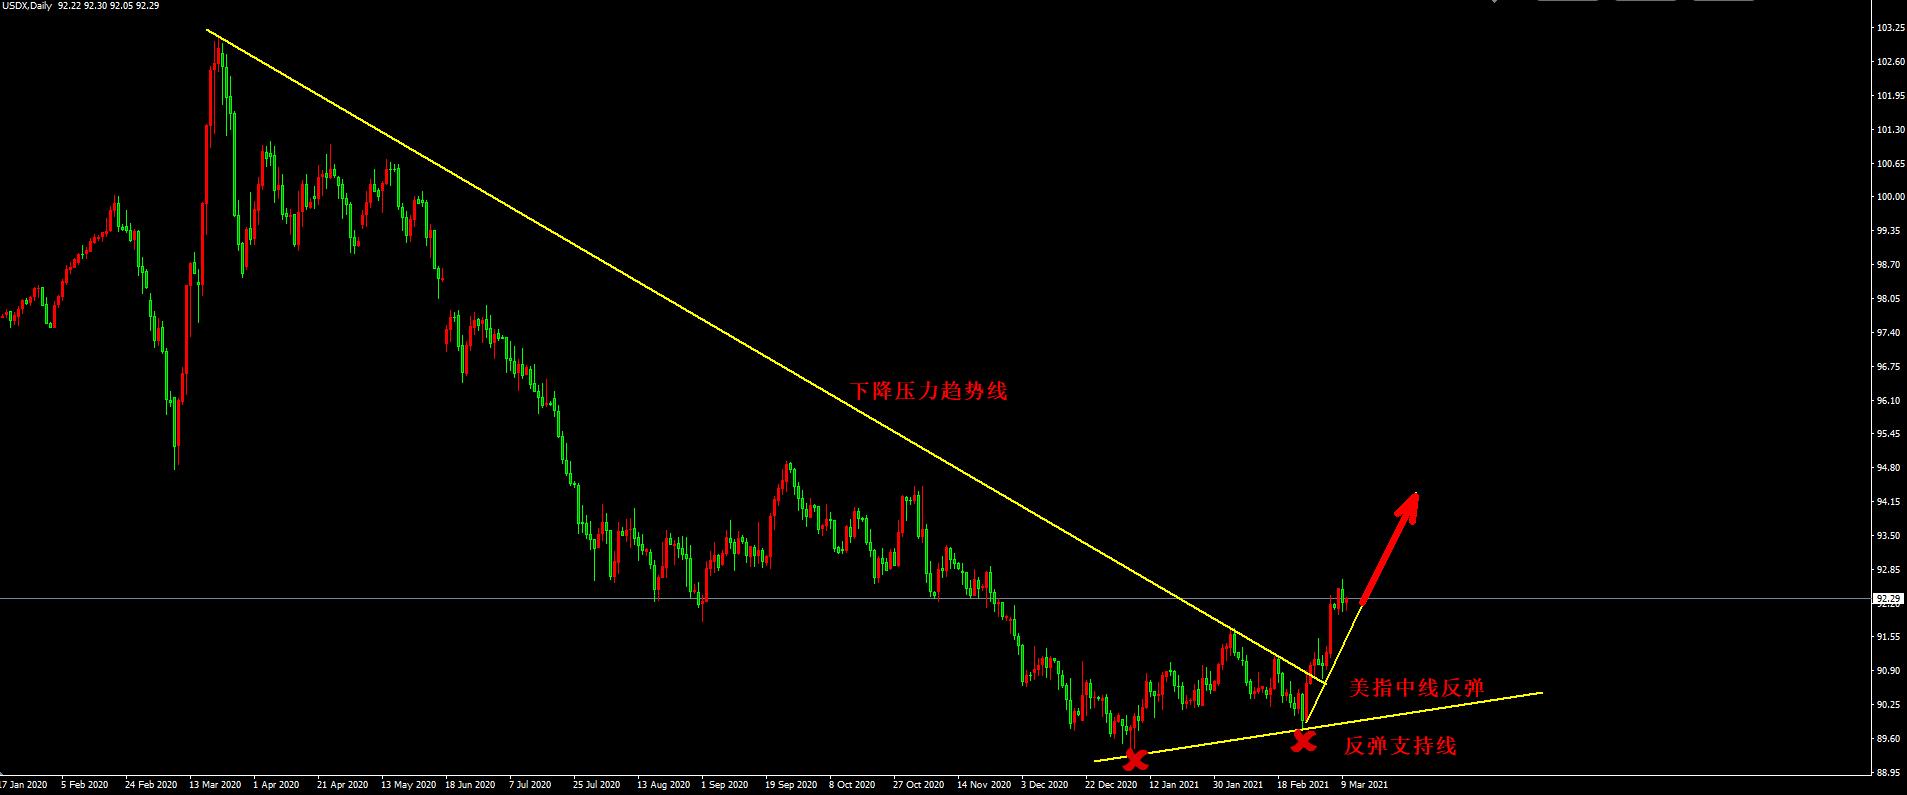 万洲金业:黄金继续下跌考验前低,静待4月开始